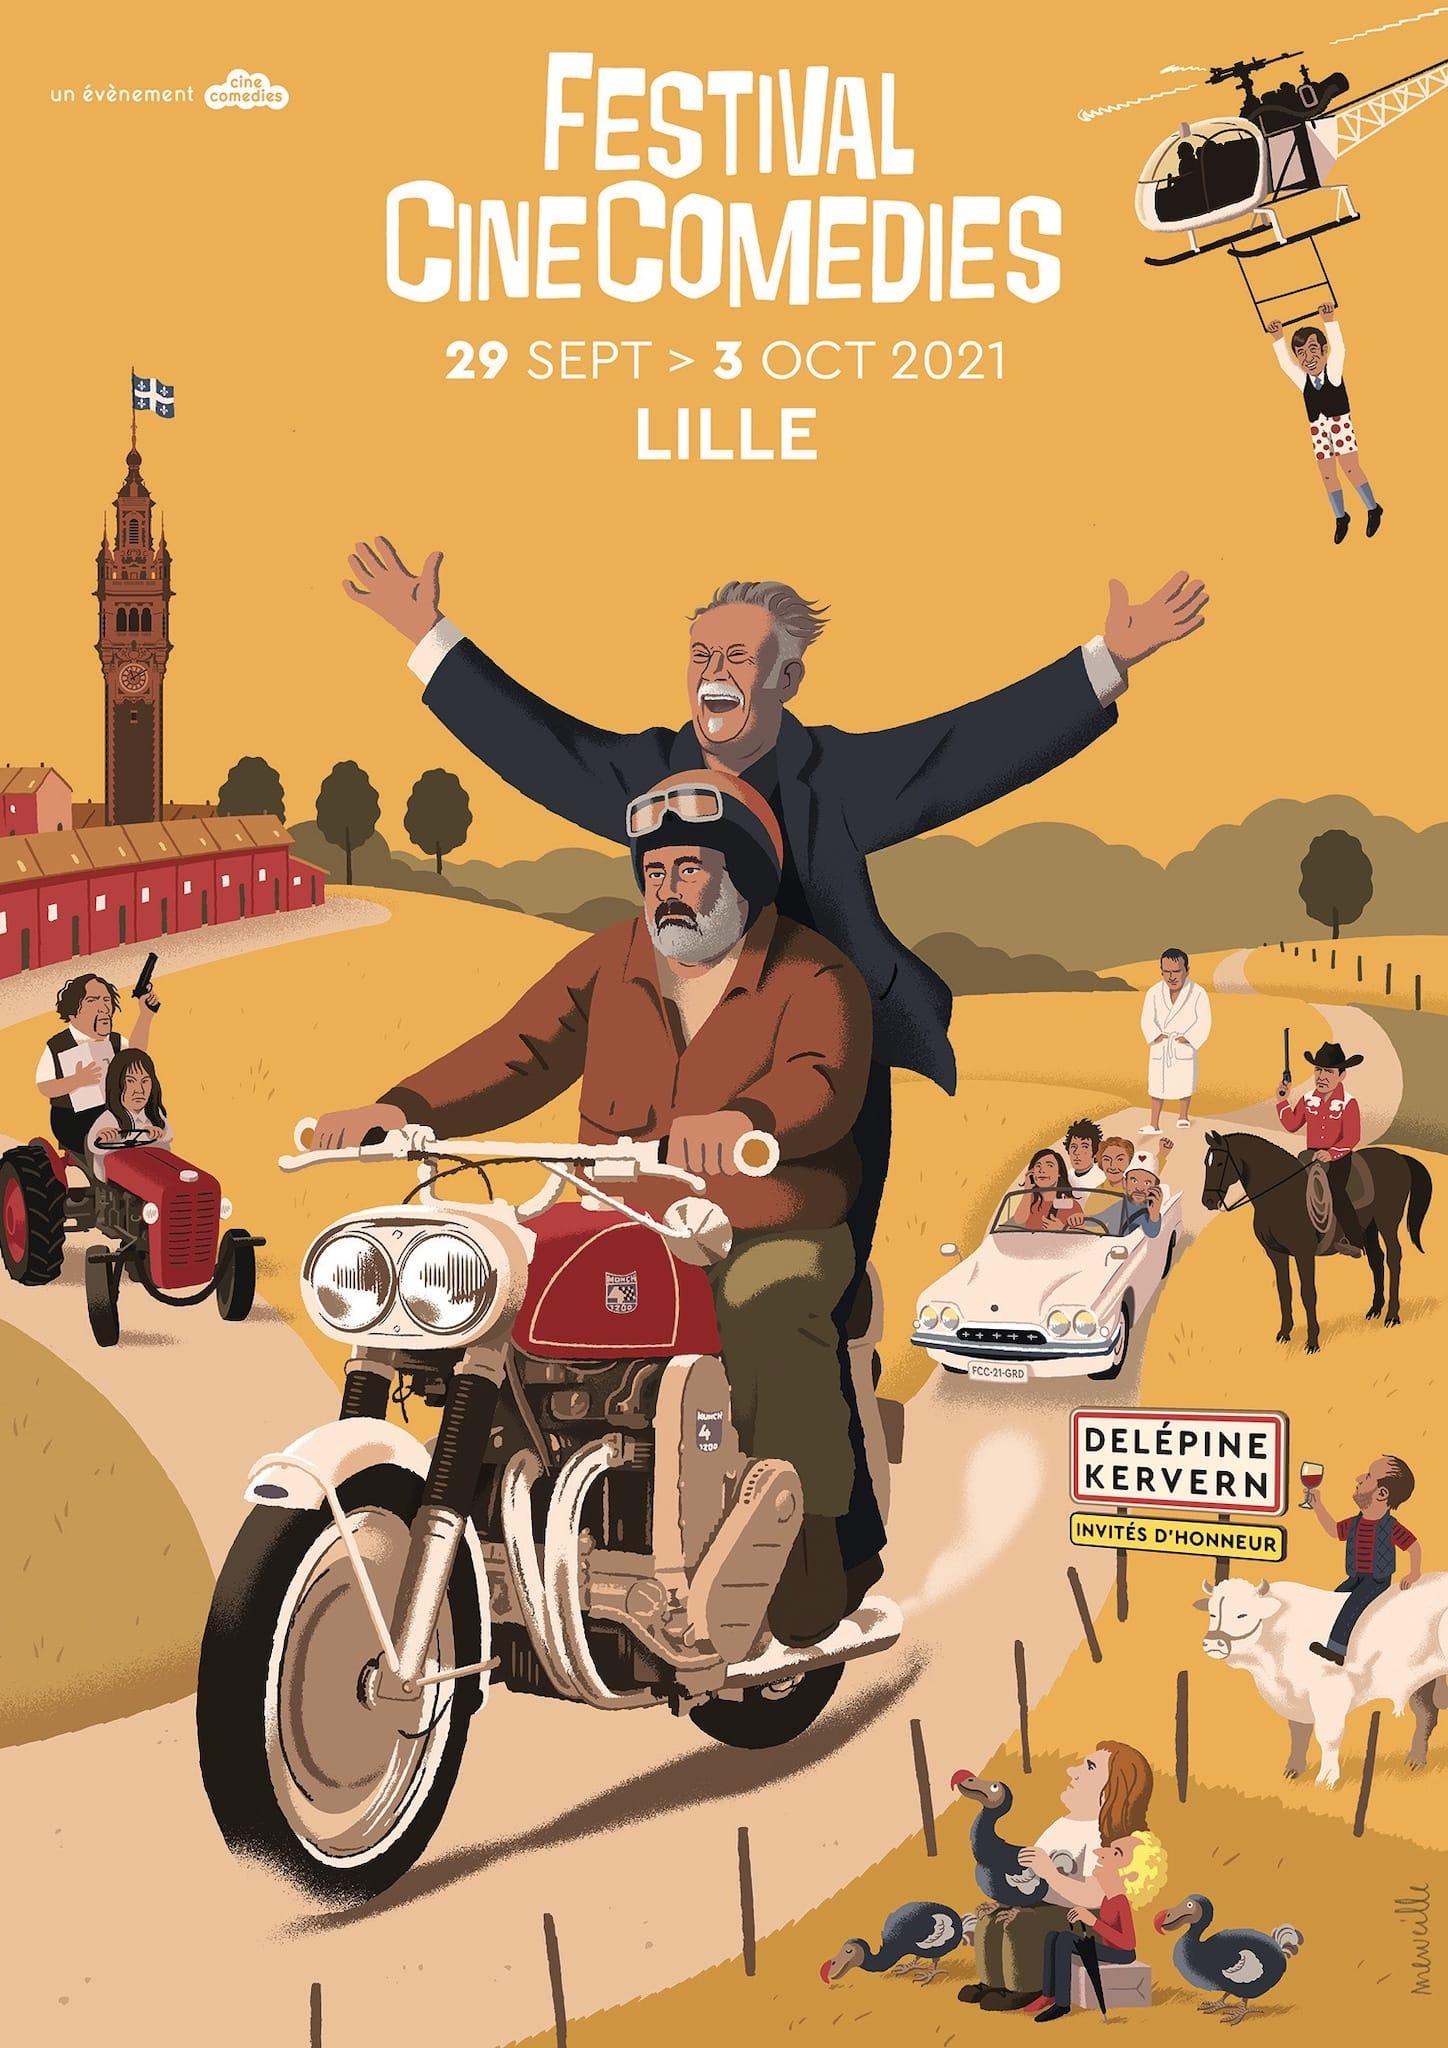 Festival CineComedies 2021 affiche cinéma comédie